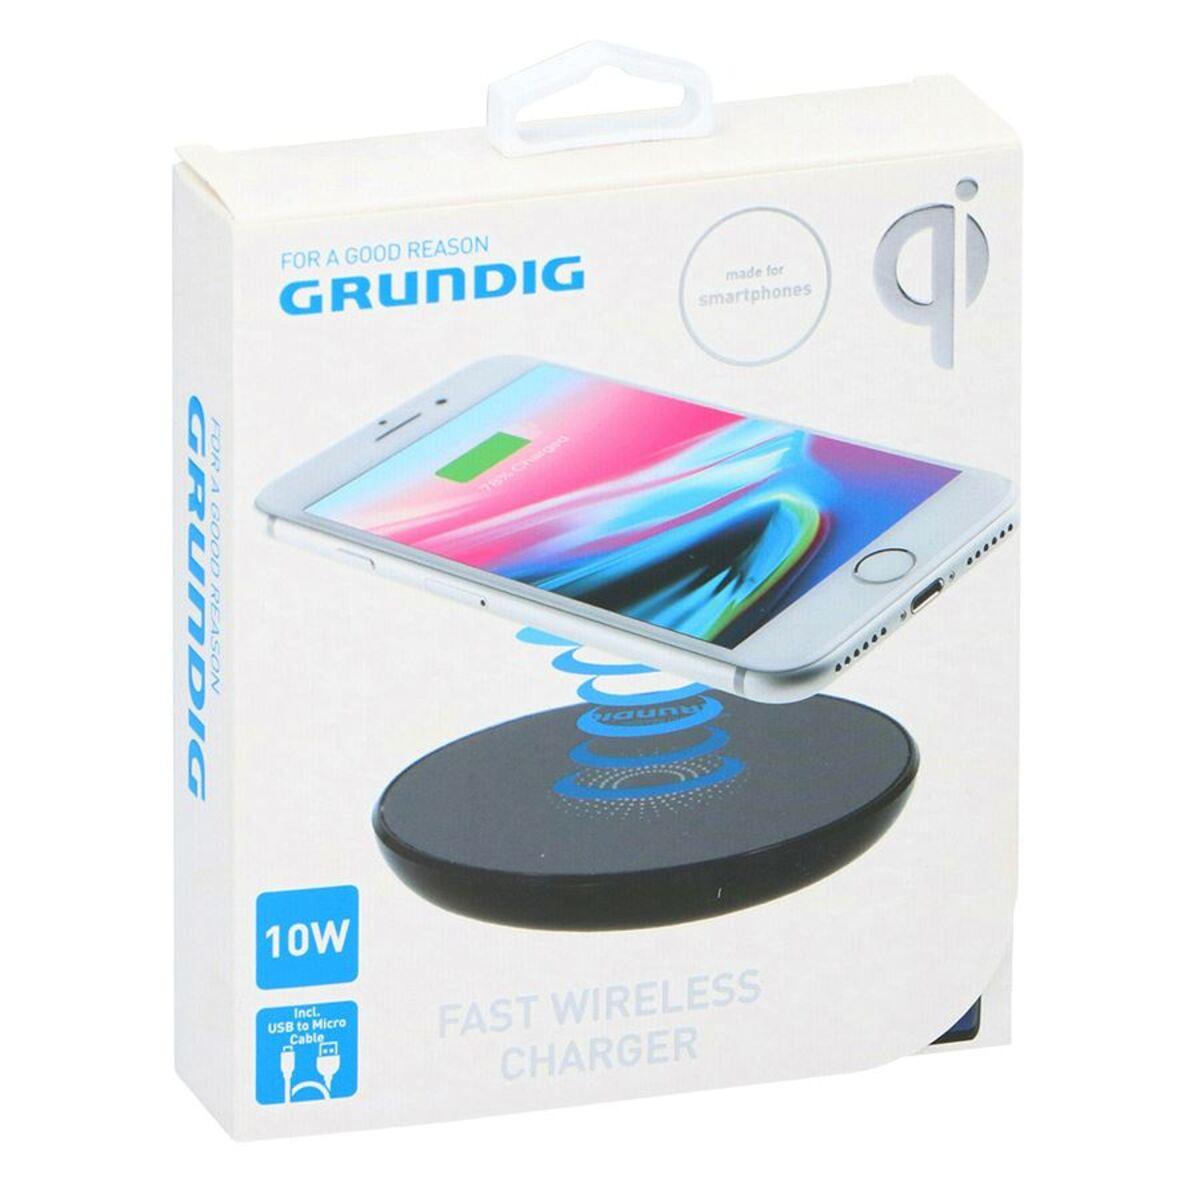 Bild 4 von Grundig Wireless Smartphone-Schnellladepad